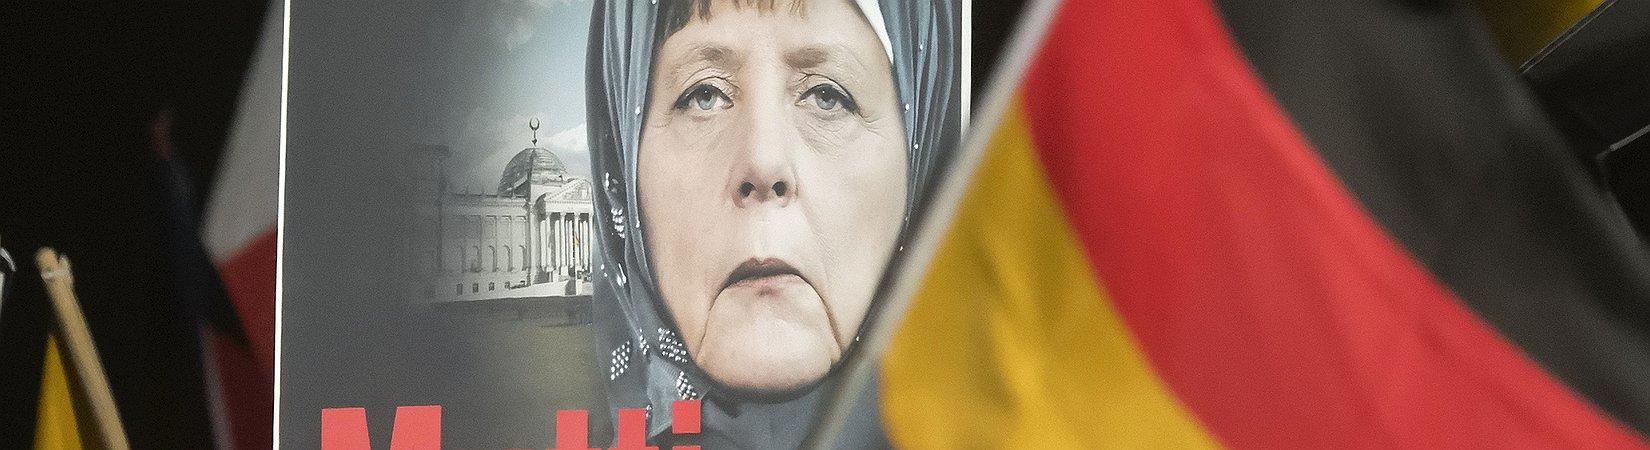 Путин приготовил для Германии троянского коня